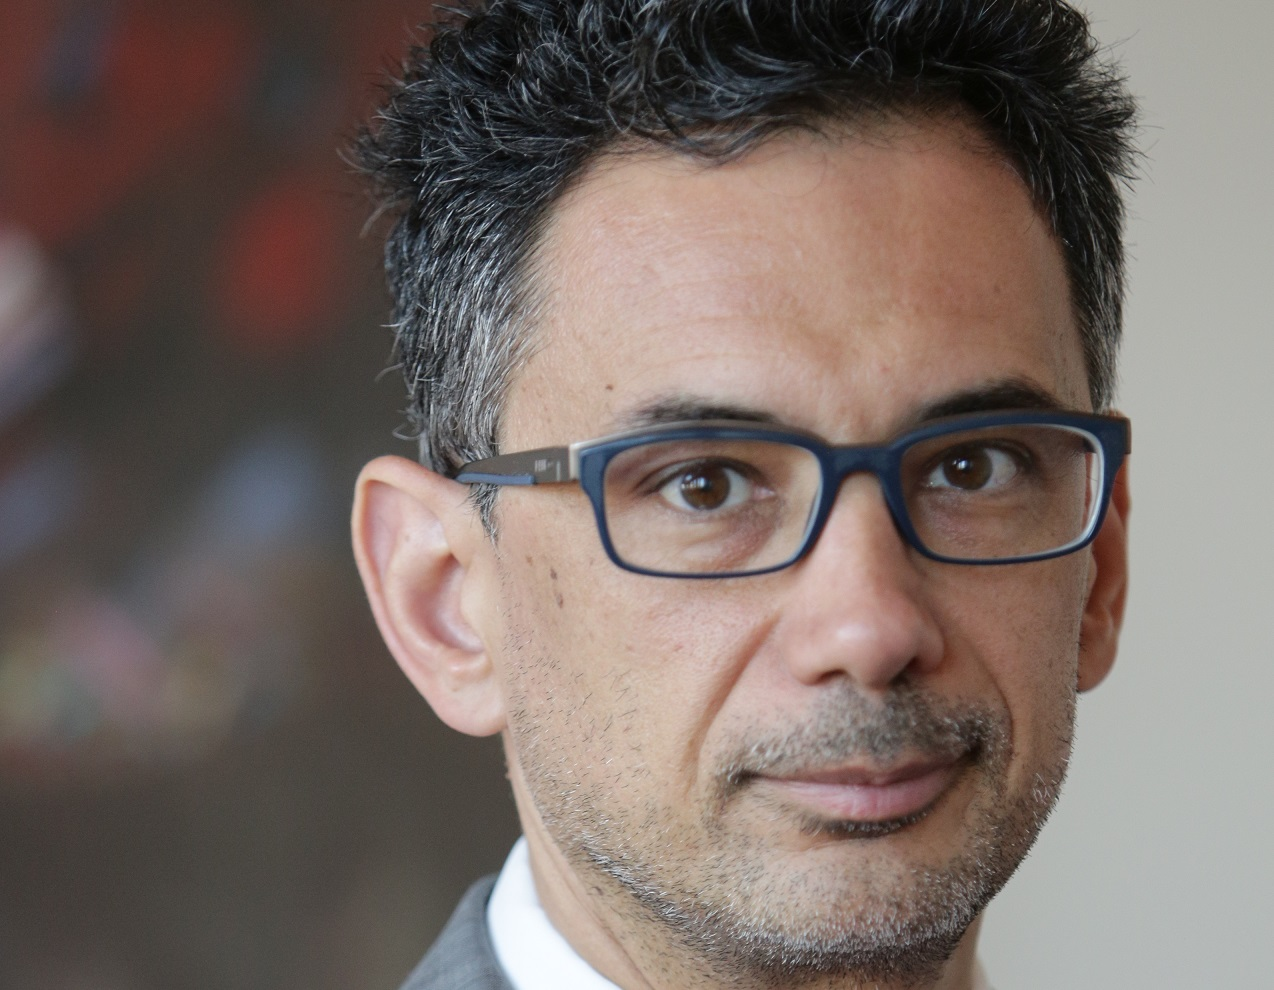 Interamerican Καντώρος: Οι σύγχρονες προκλήσεις έχουν απάντηση μέσα από τον μετασχηματισμό των επιχειρήσεων